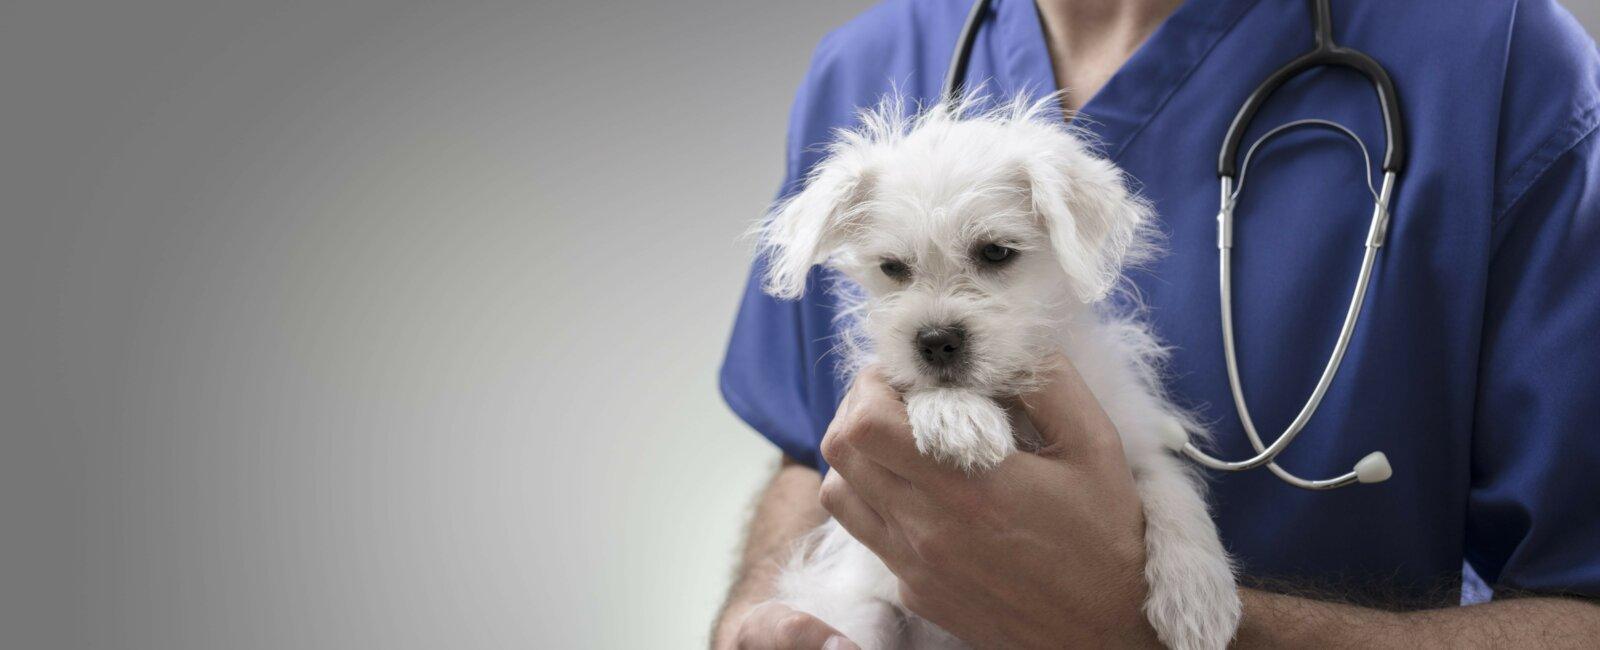 Vétérinaire d'urgence à Bruxelles